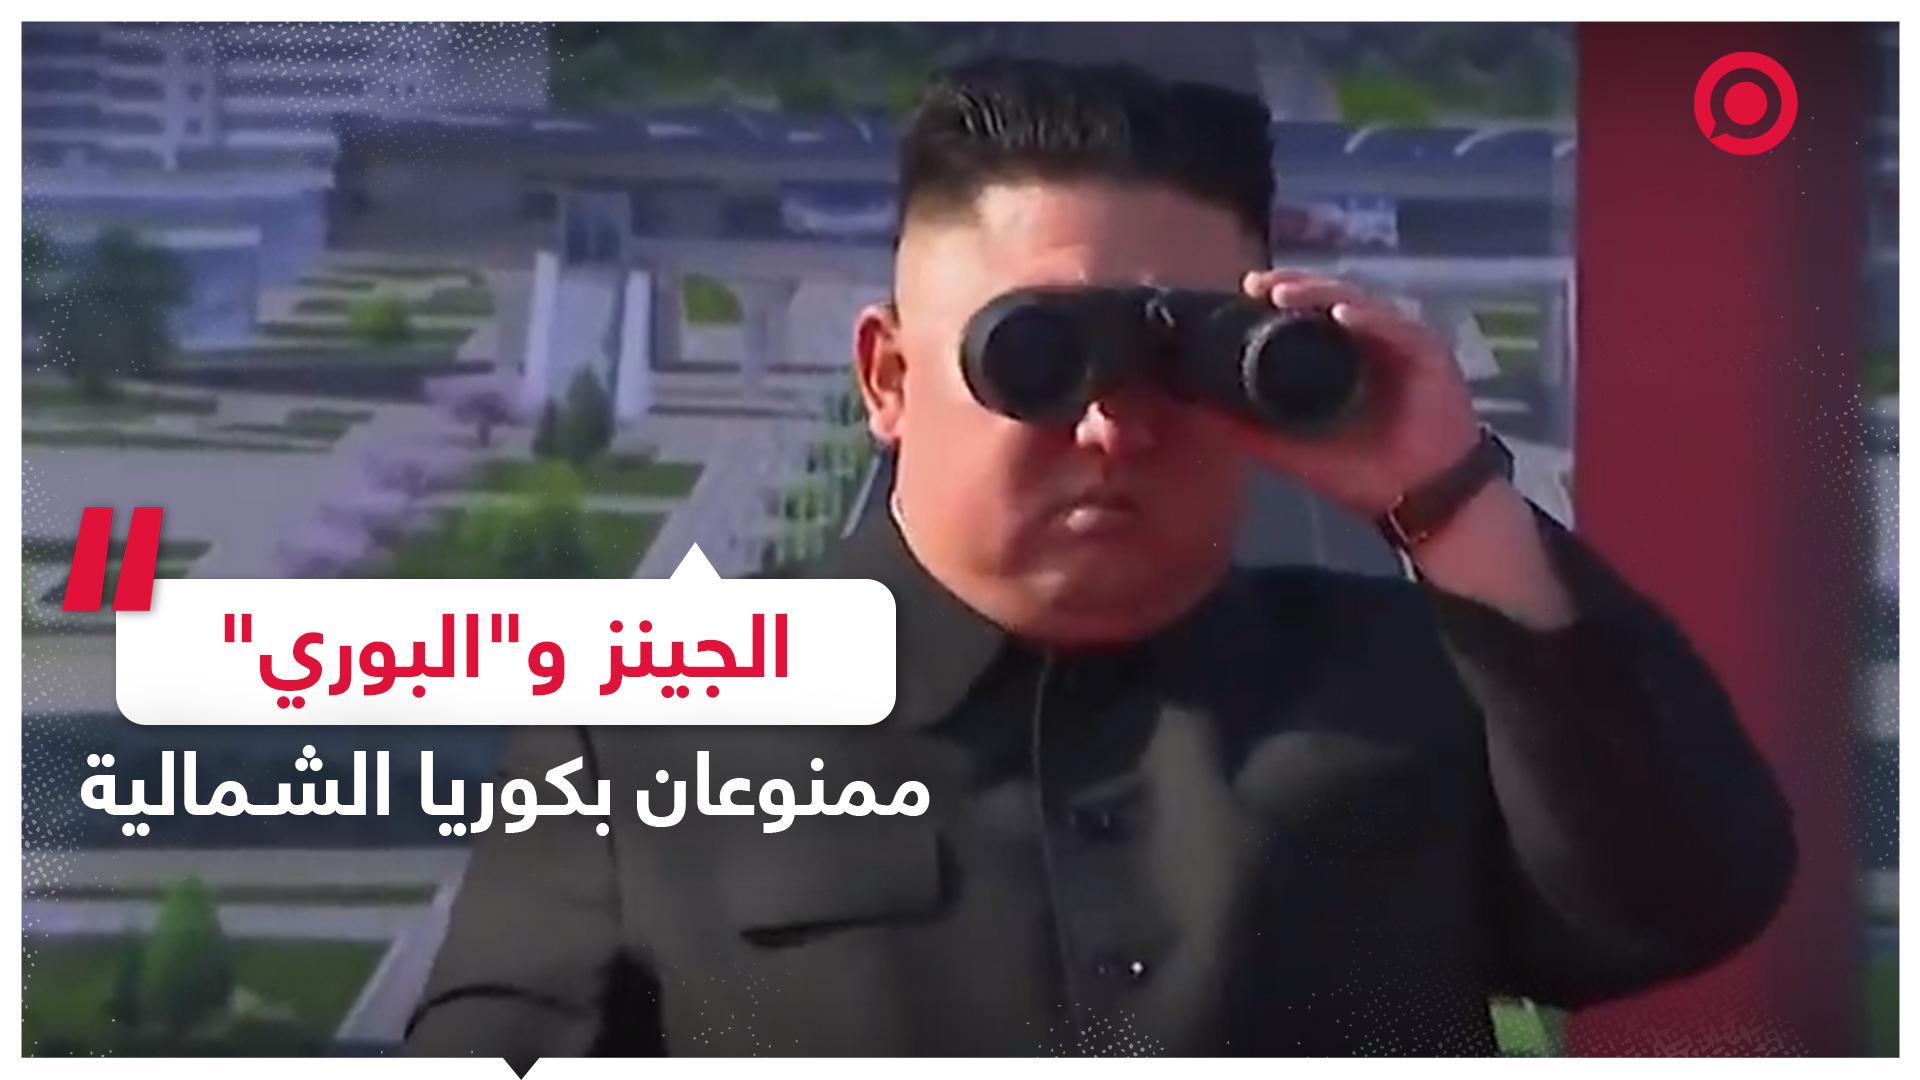 قوانين غريبة في كوريا الشمالية